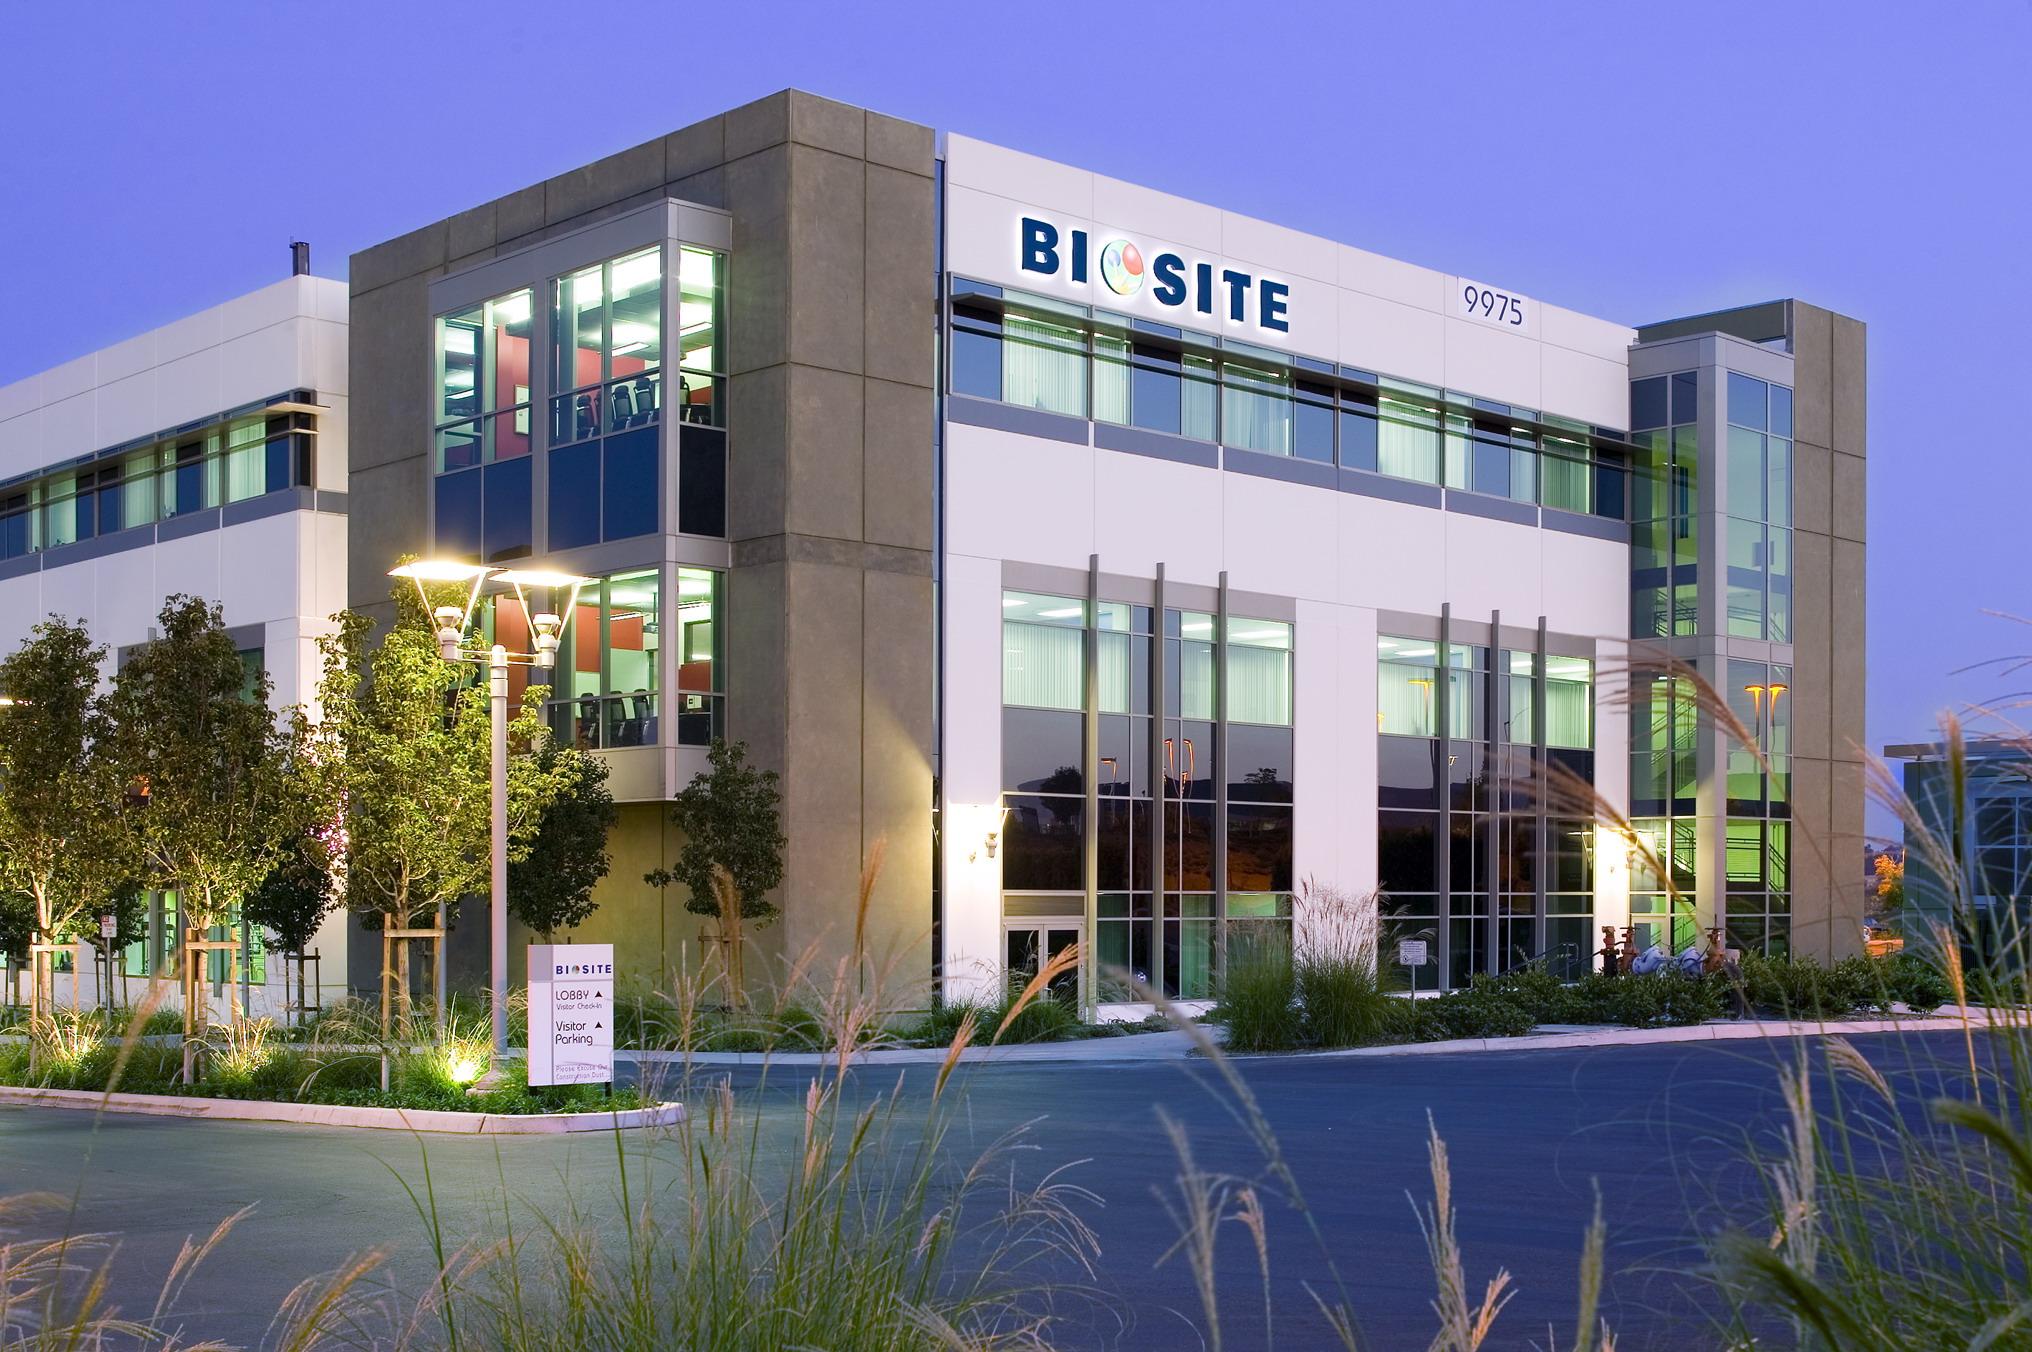 biosite-exterior-1-smaller